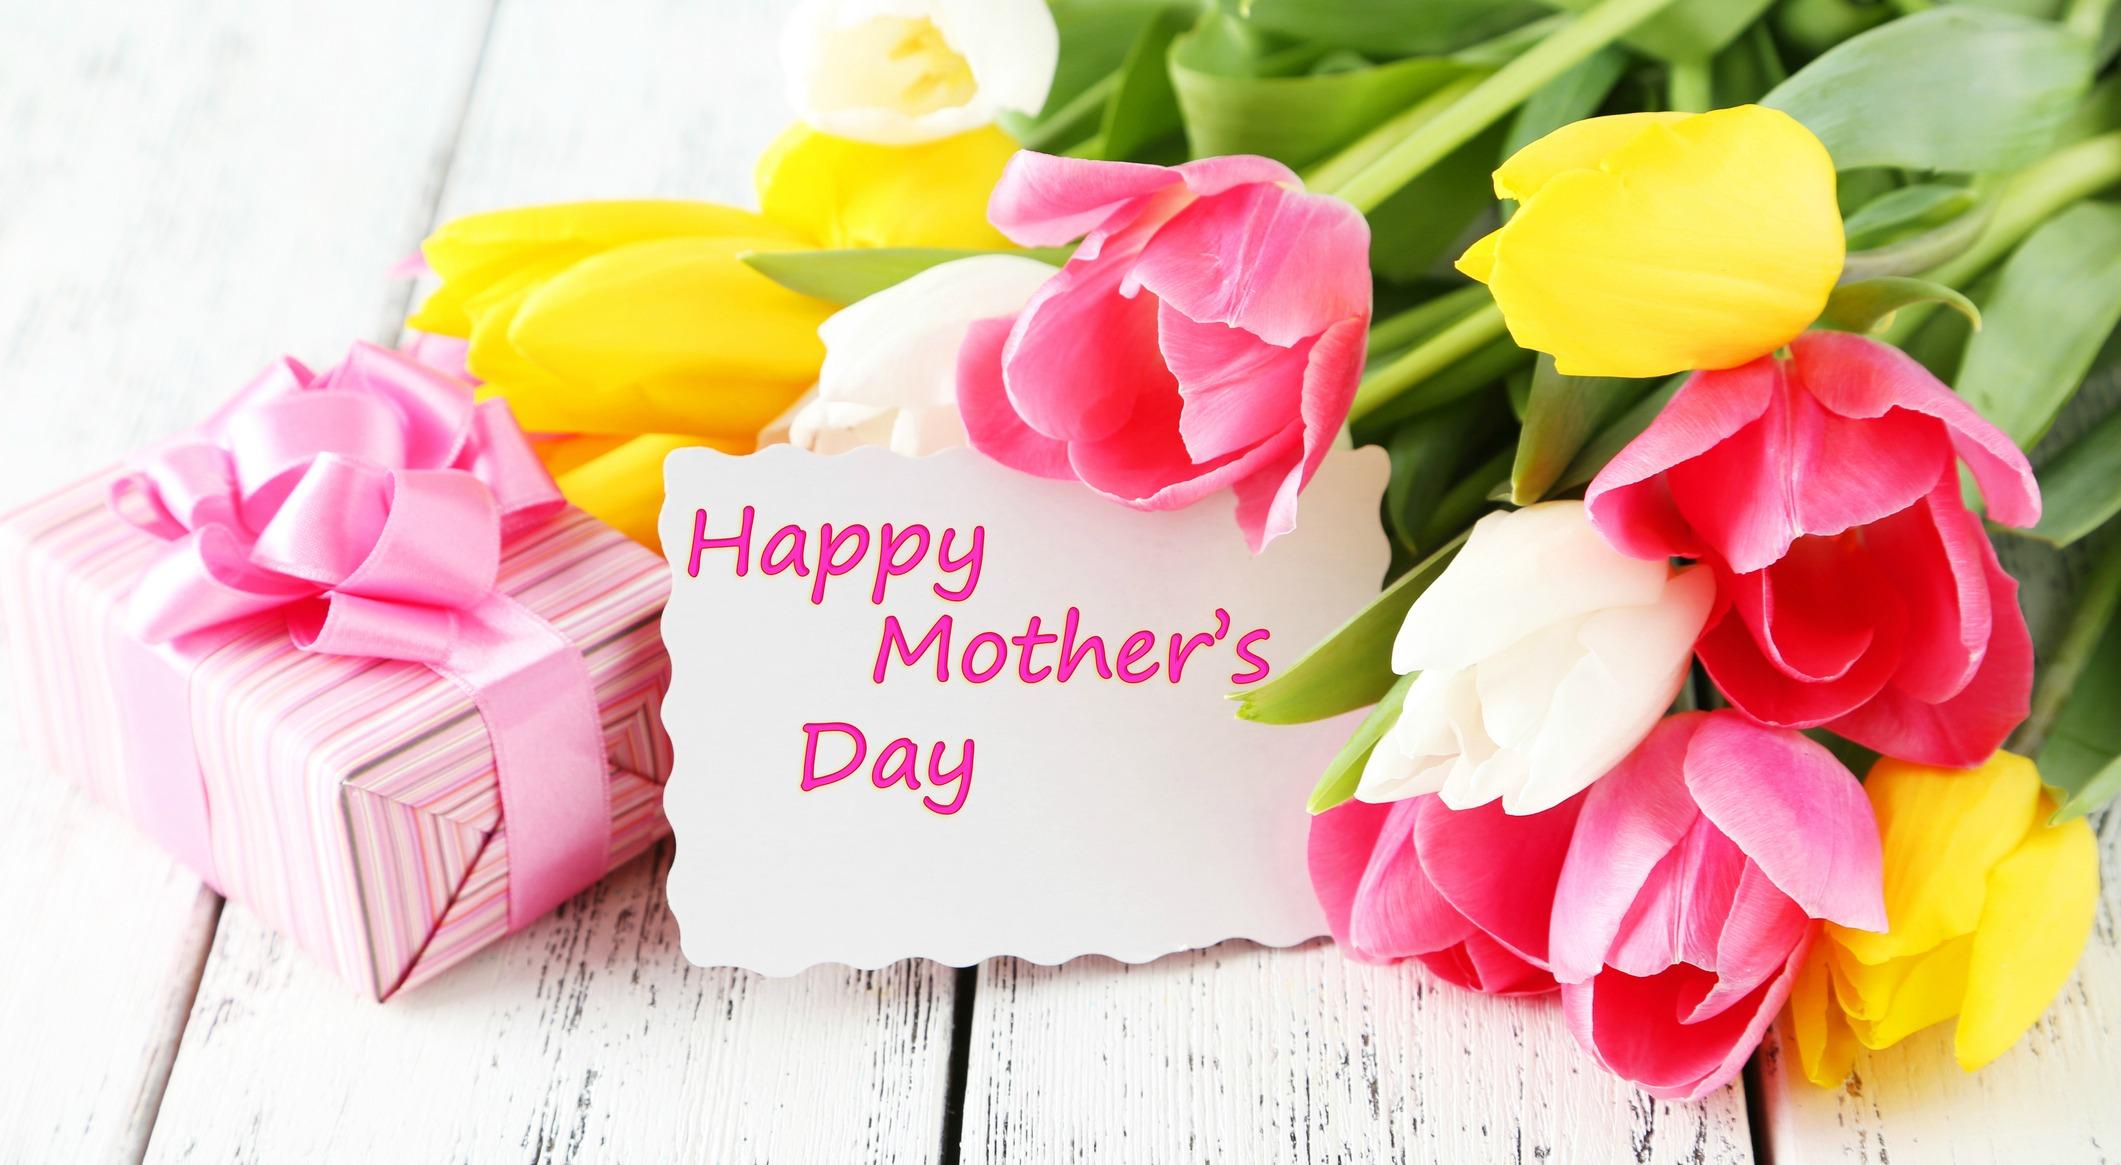 عيد الأم 2020 أشعار عن الأم يوم الأم رمزيات عن الأم 9